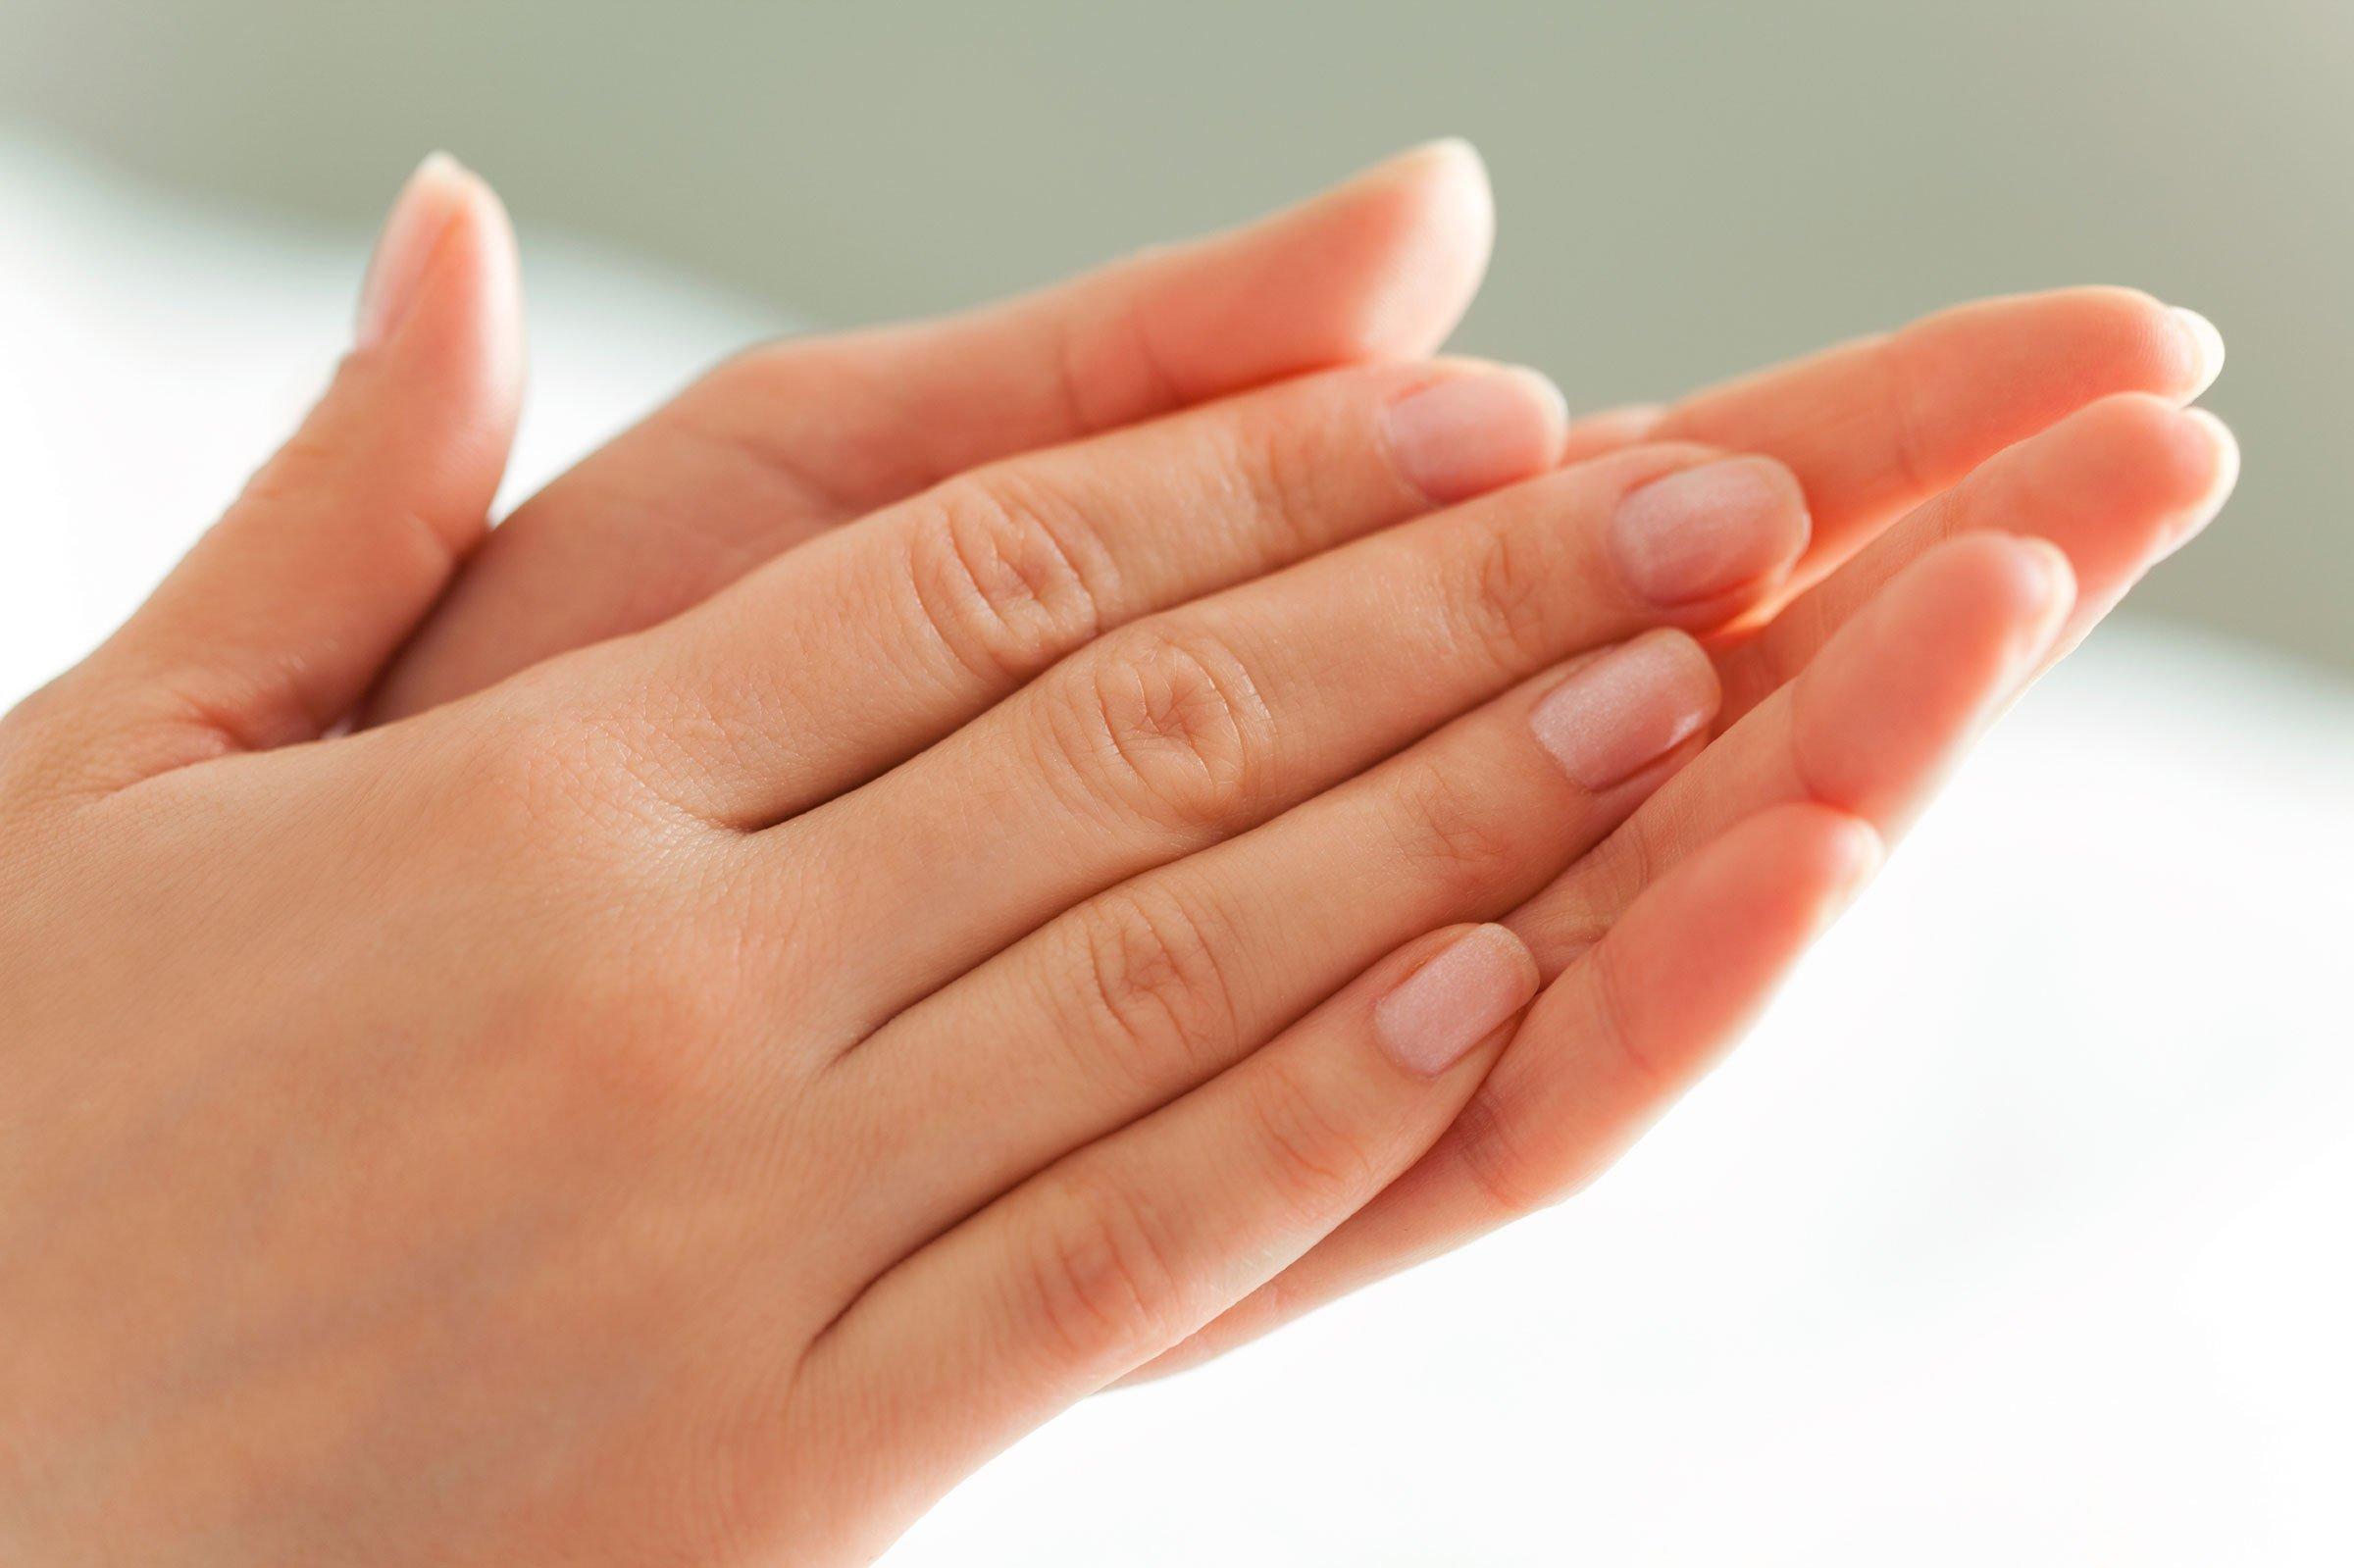 Porque podemos ter sensações nas mãos com Reiki diferentes em nós e nos outros?